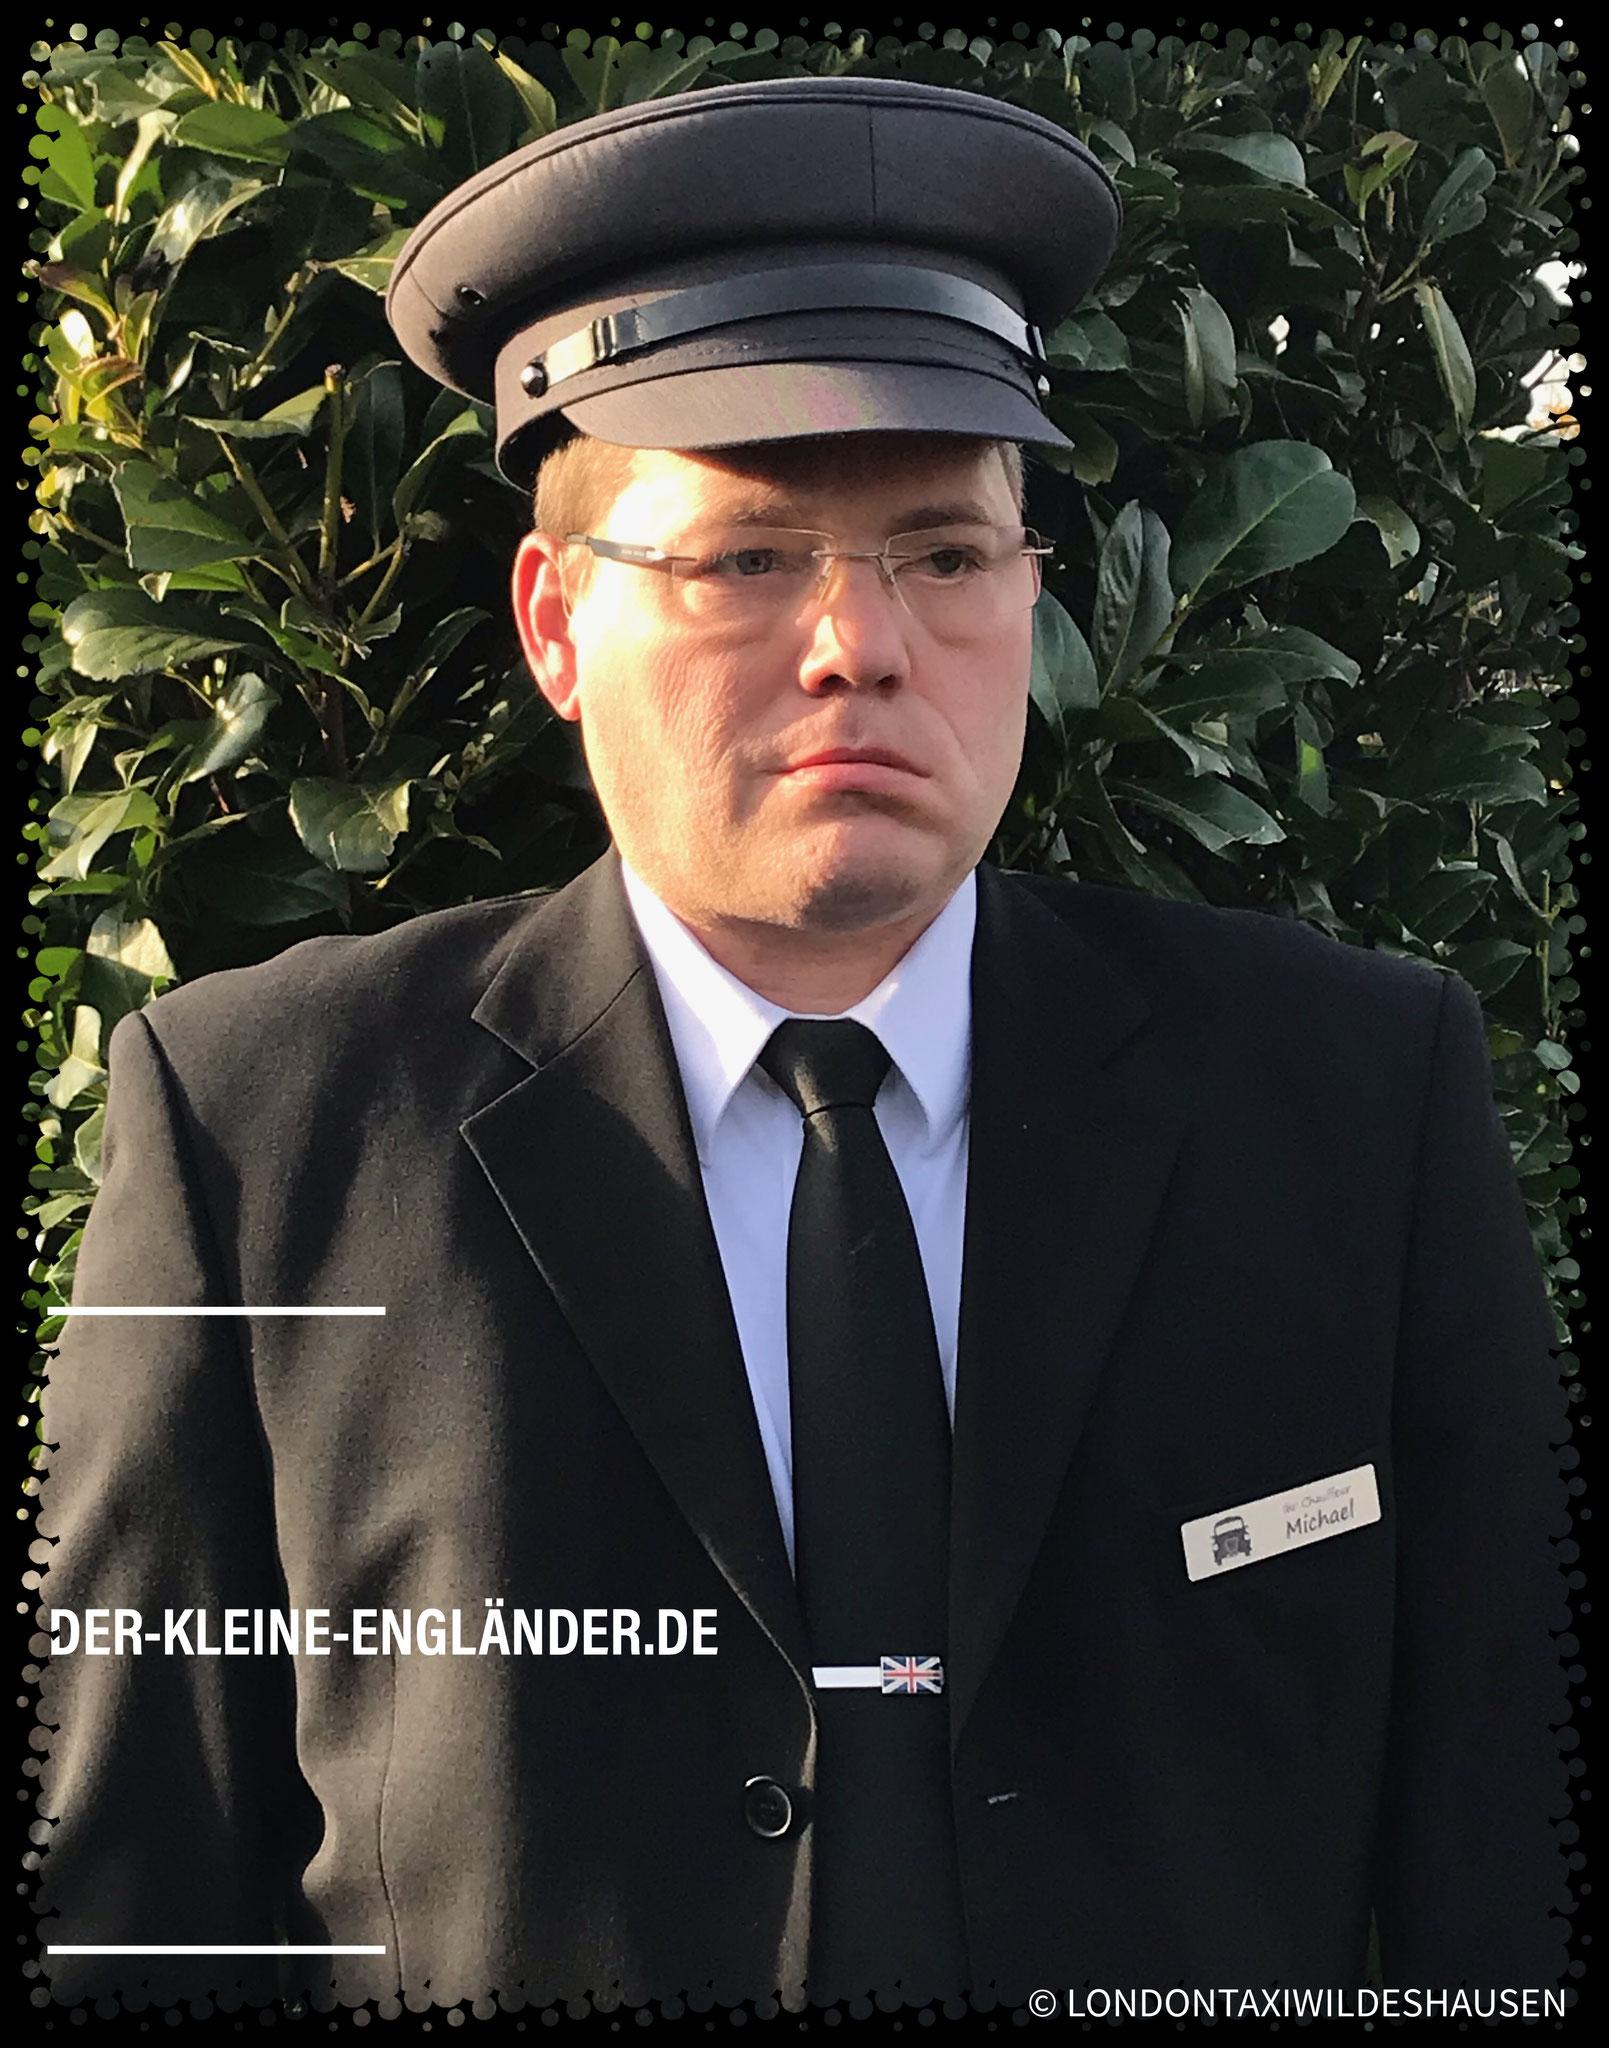 Chauffeur mit schwarzer Krawatte